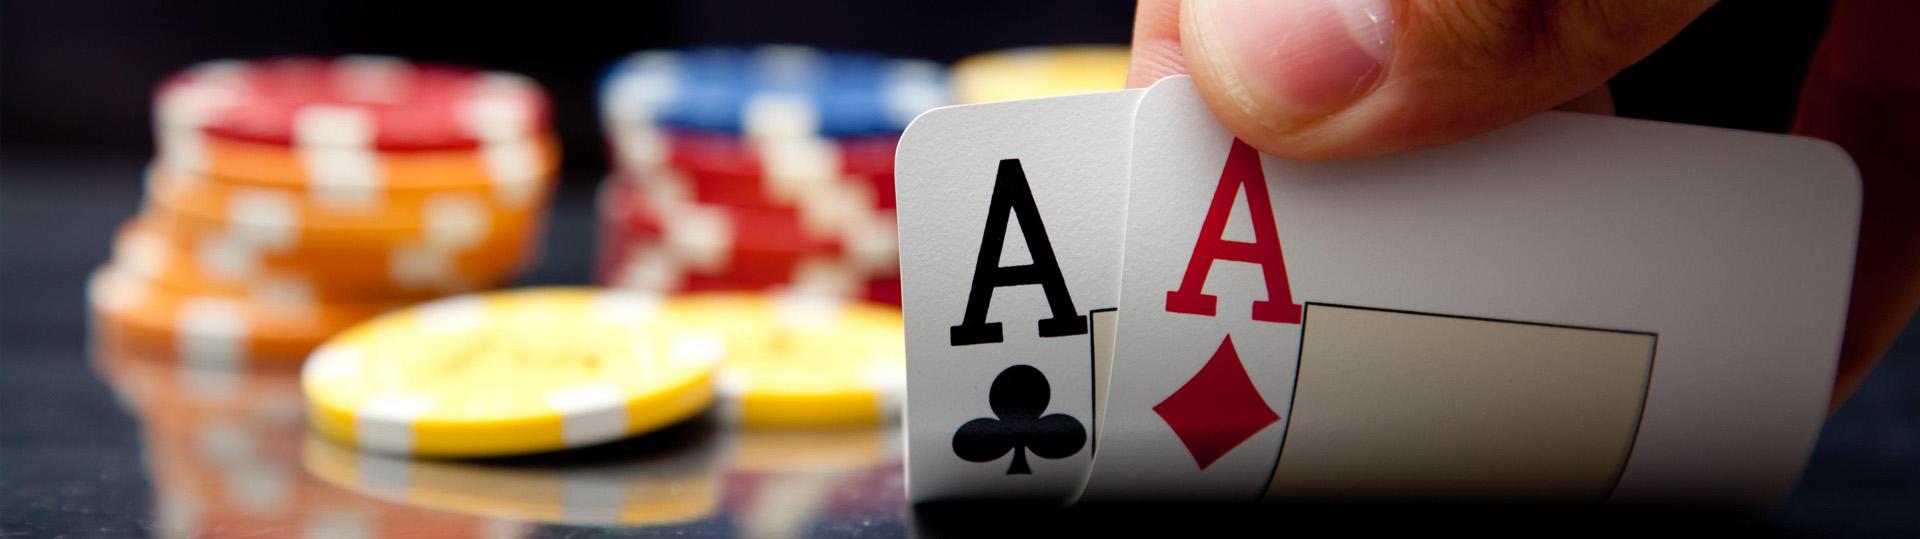 Texas Holdem or Blackjack